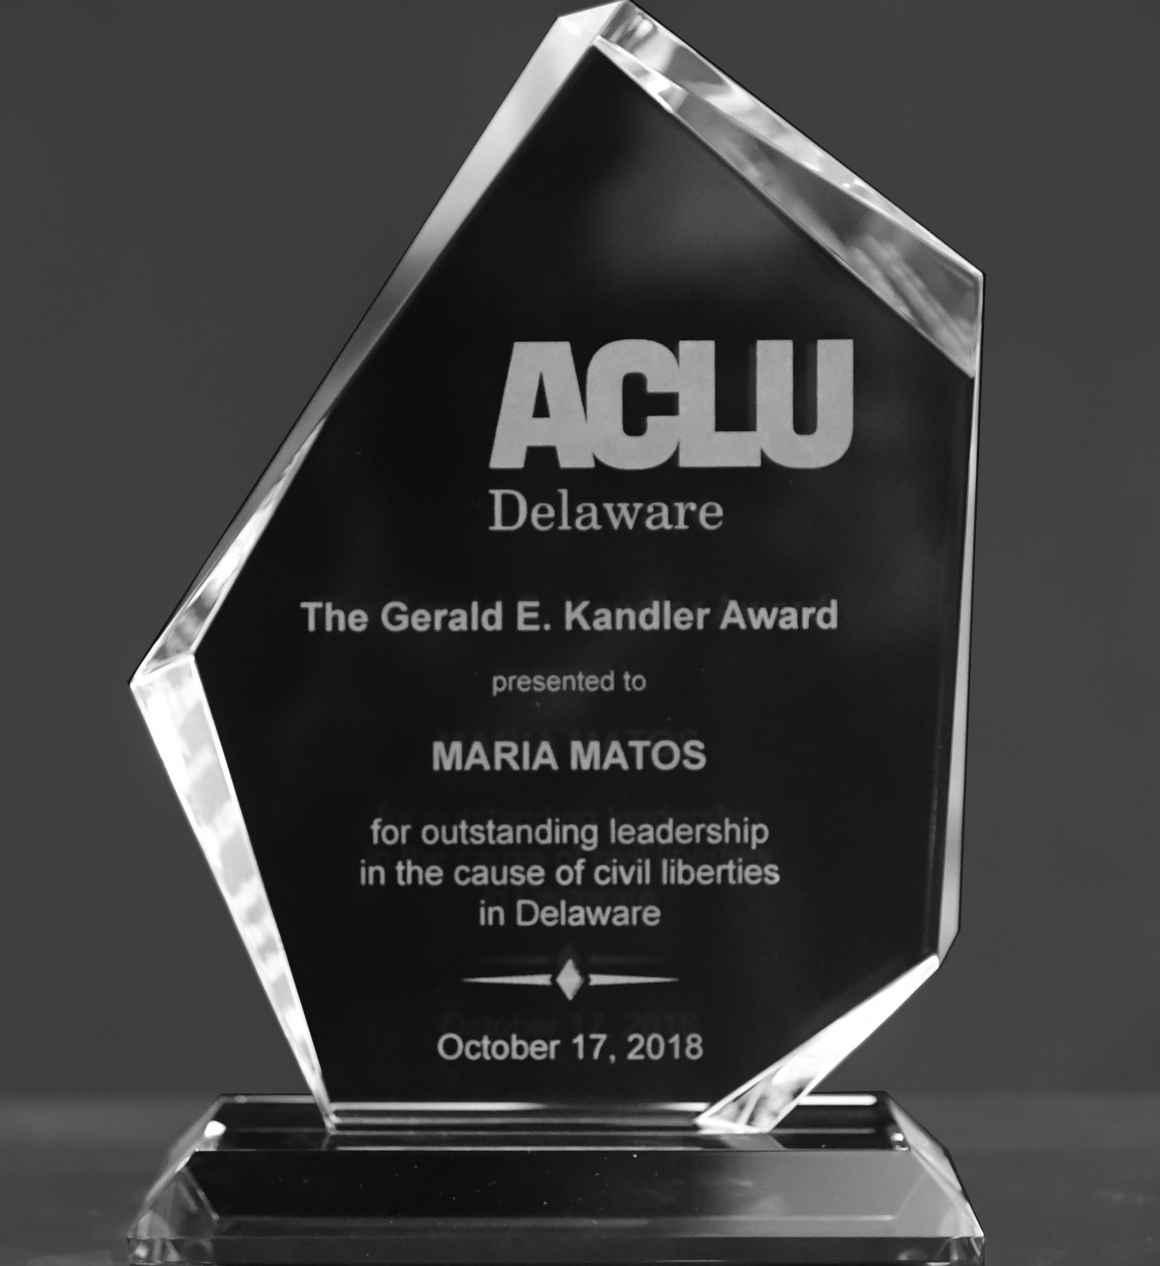 Kandler Award